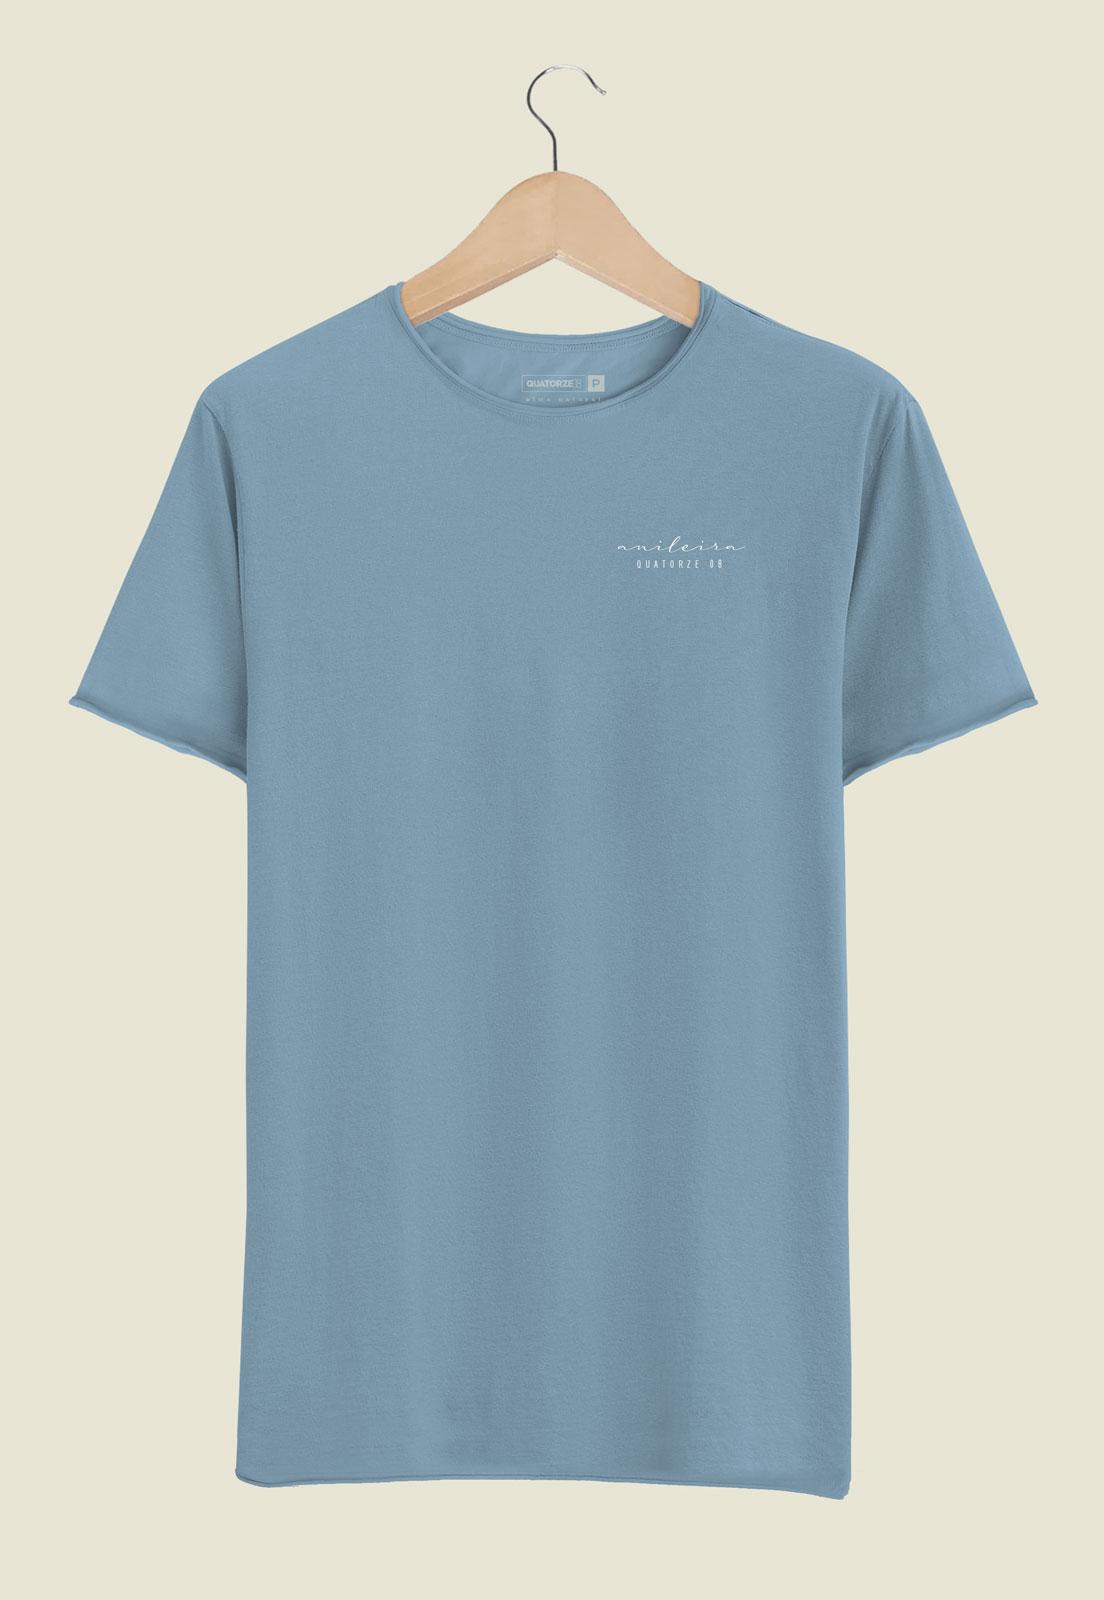 Camiseta Anileira Tingimento Natural